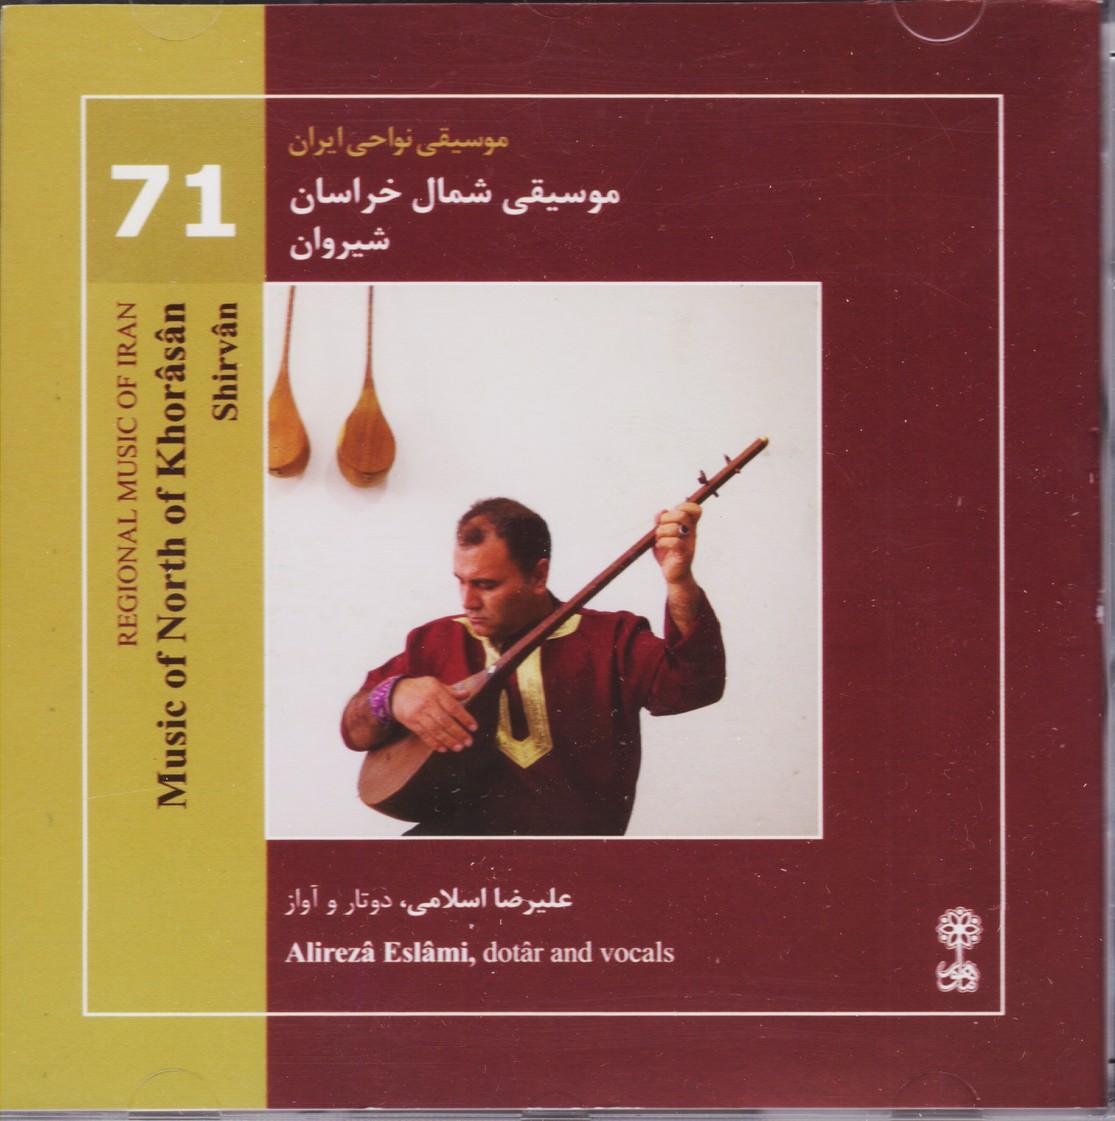 موسیقی شمال خراسان/شیروان: موسیقی نواحی ایران 71